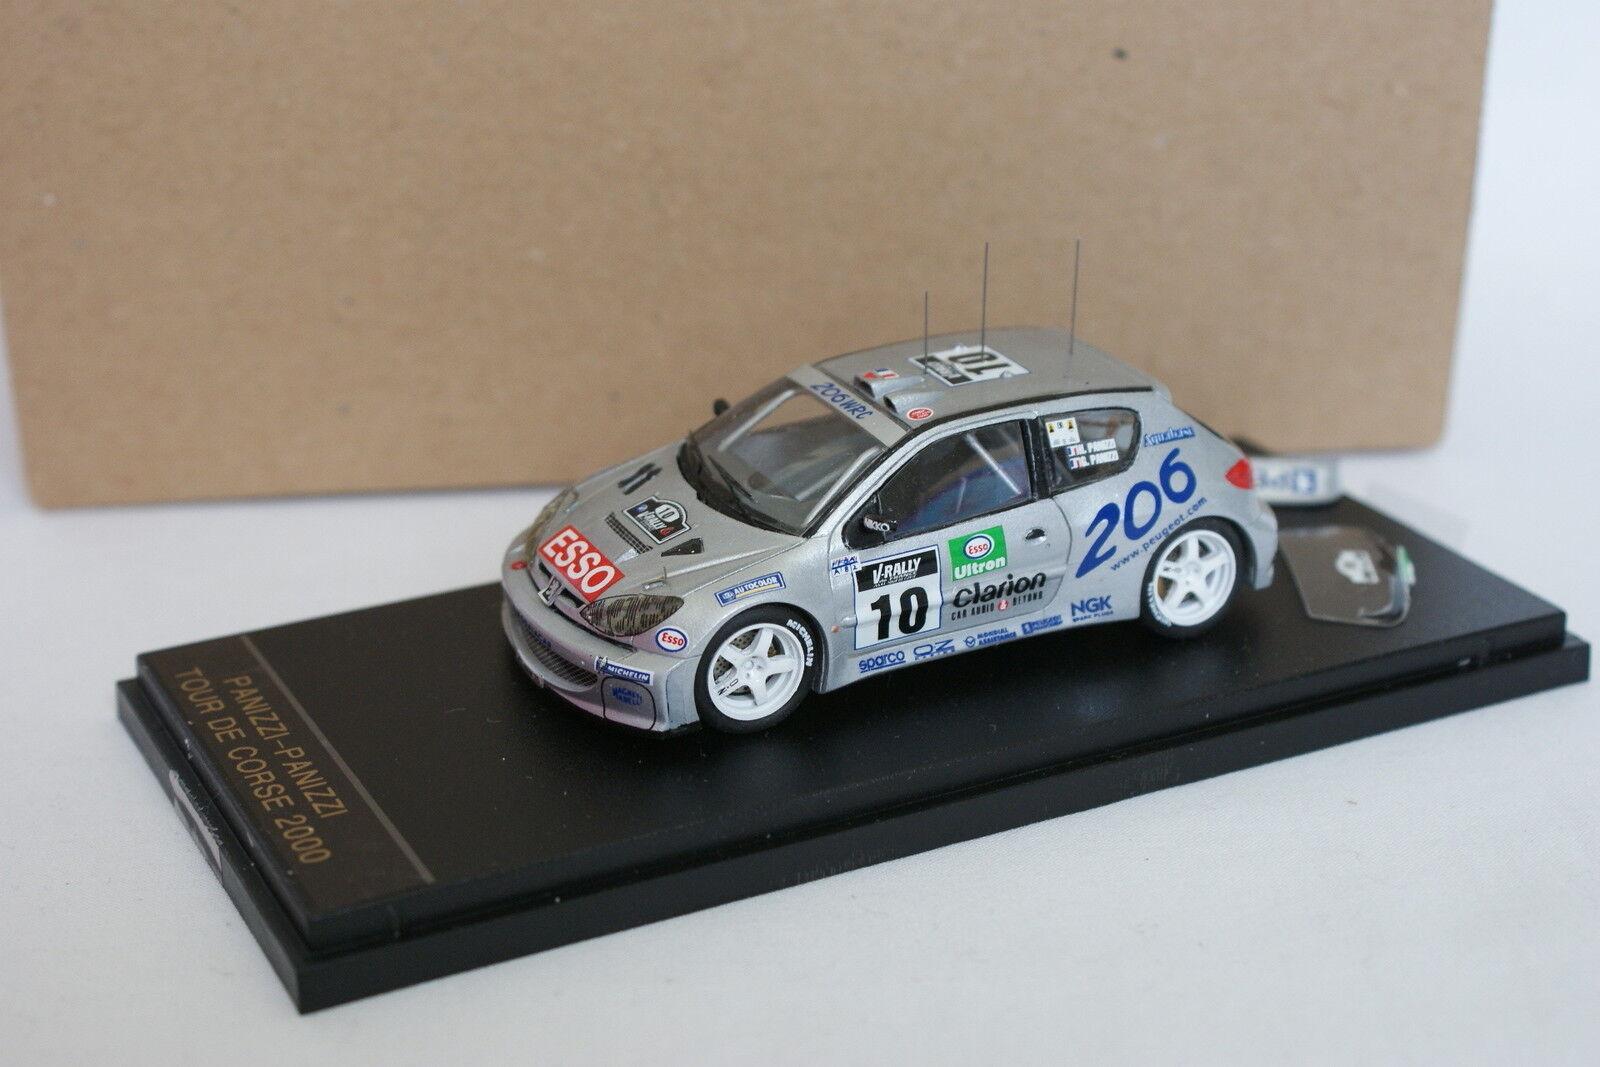 Provence Moulage Kit Monté 1 43 - Peugeot 206 WRC Tour de Corse 2000 N°10